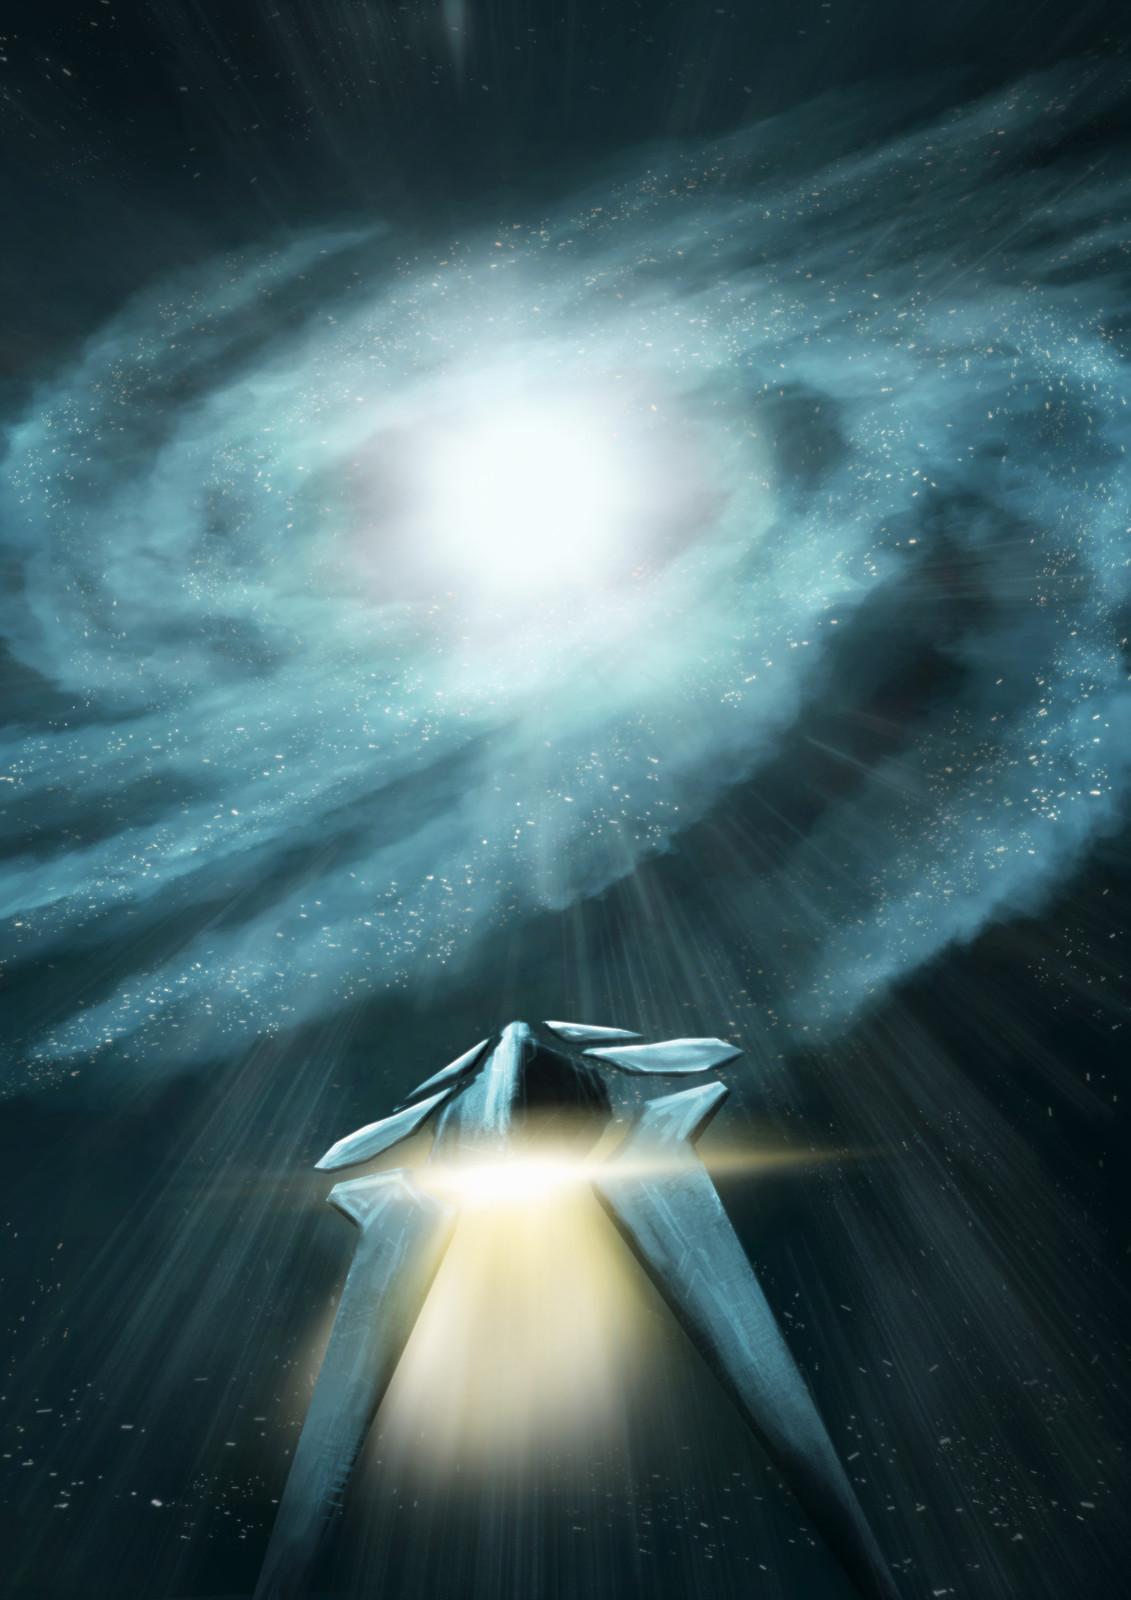 Intergalactic Journey